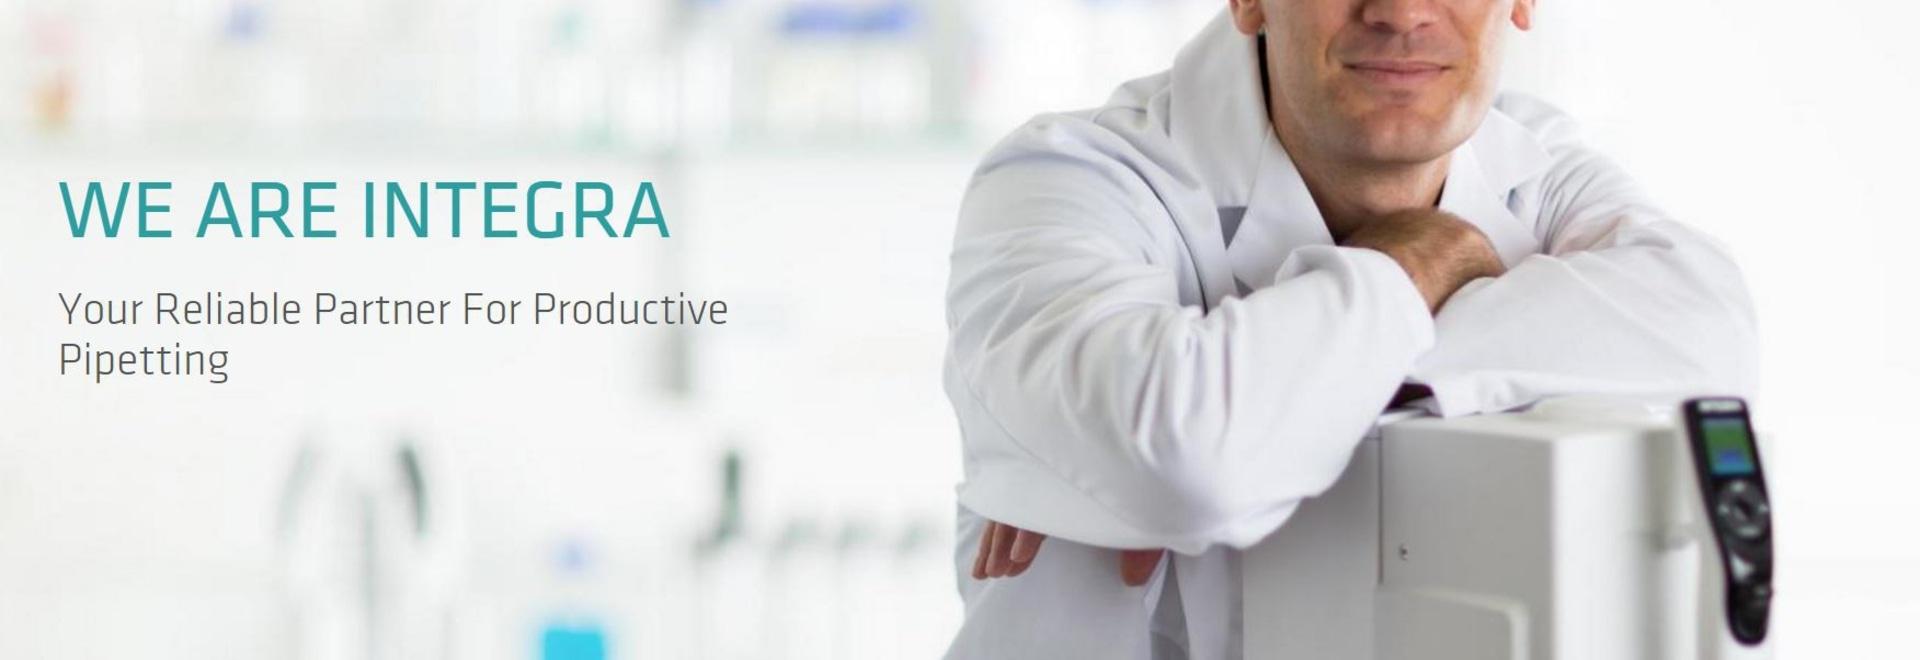 INTEGRA pone en marcha página web responsiva del nuevo dispositivo